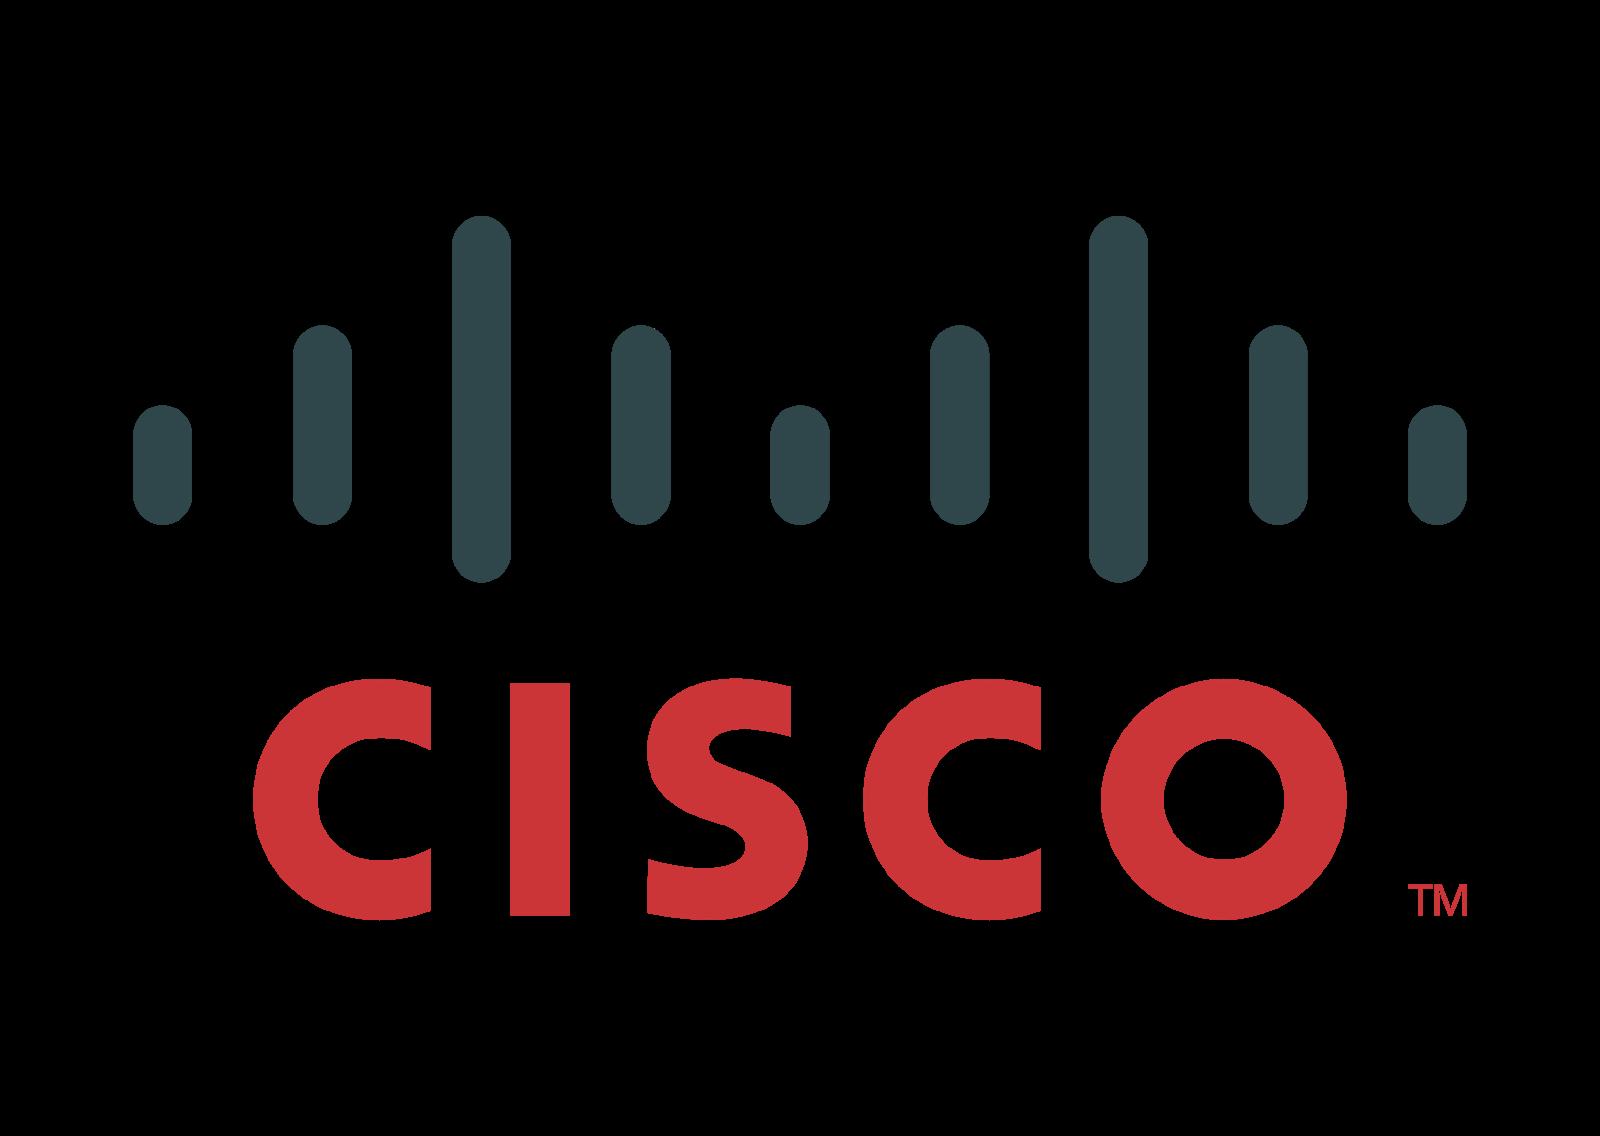 Cisco Logo Vector download free